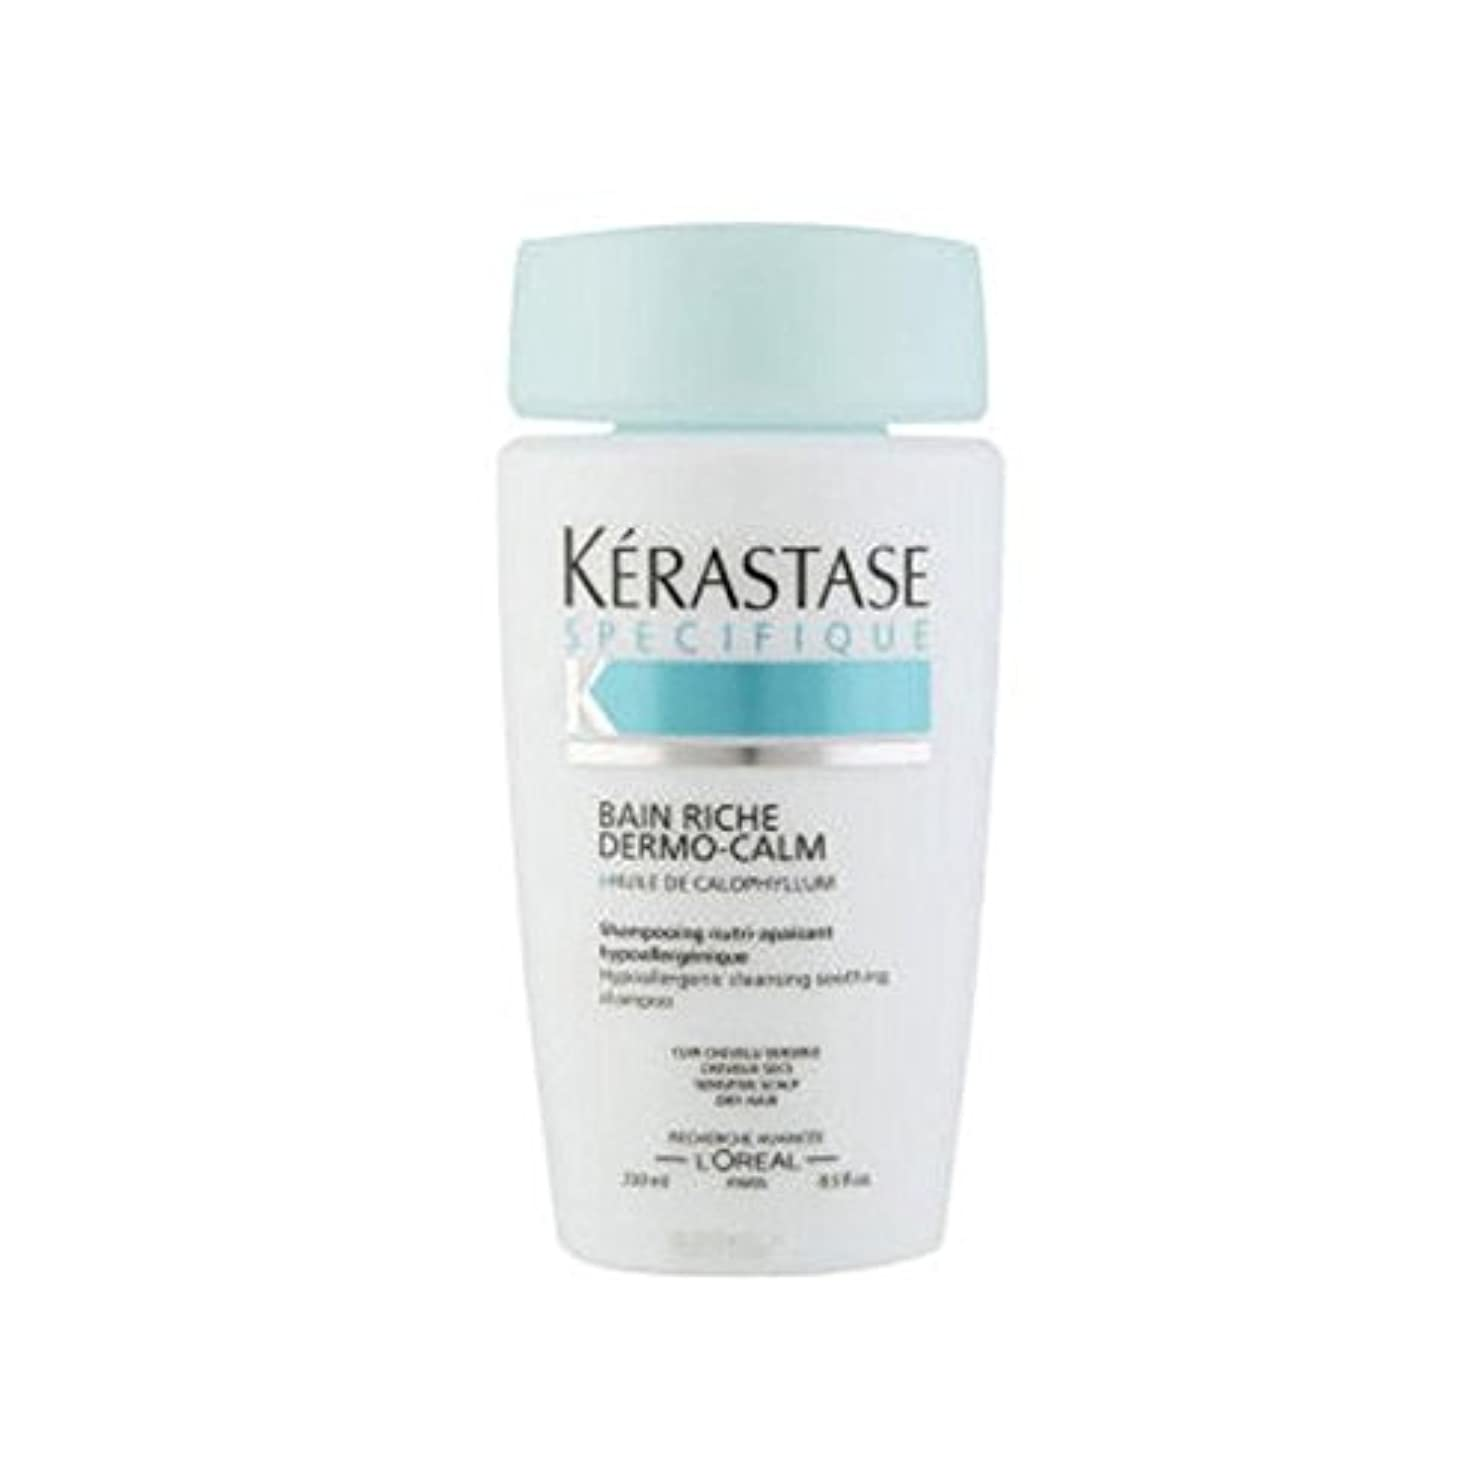 アルカトラズ島出くわすコーンケラスターゼスペシフィック皮膚 - 穏やかベインリッシュ(250ミリリットル) x4 - K?rastase Specifique Dermo-Calm Bain Riche (250ml) (Pack of 4) [並行輸入品]